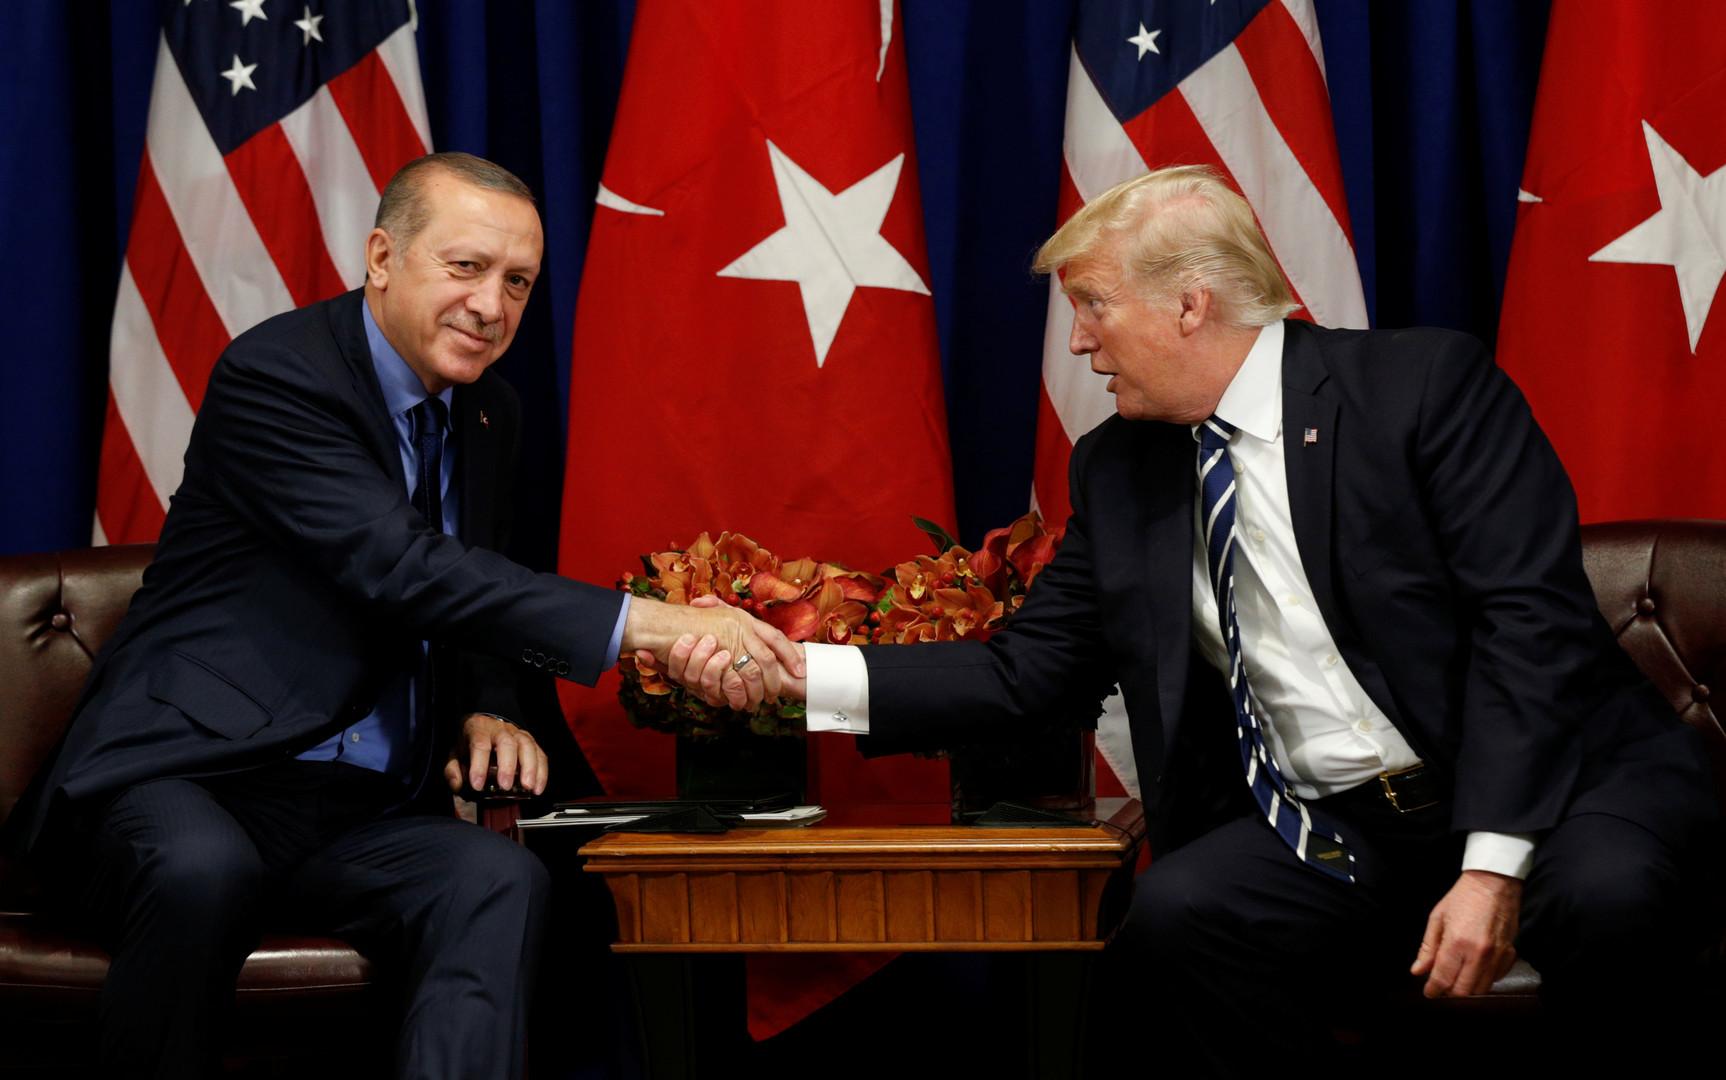 وسائل إعلام: ترامب وأردوغان يتفقان على إنشاء فريق عمل حول